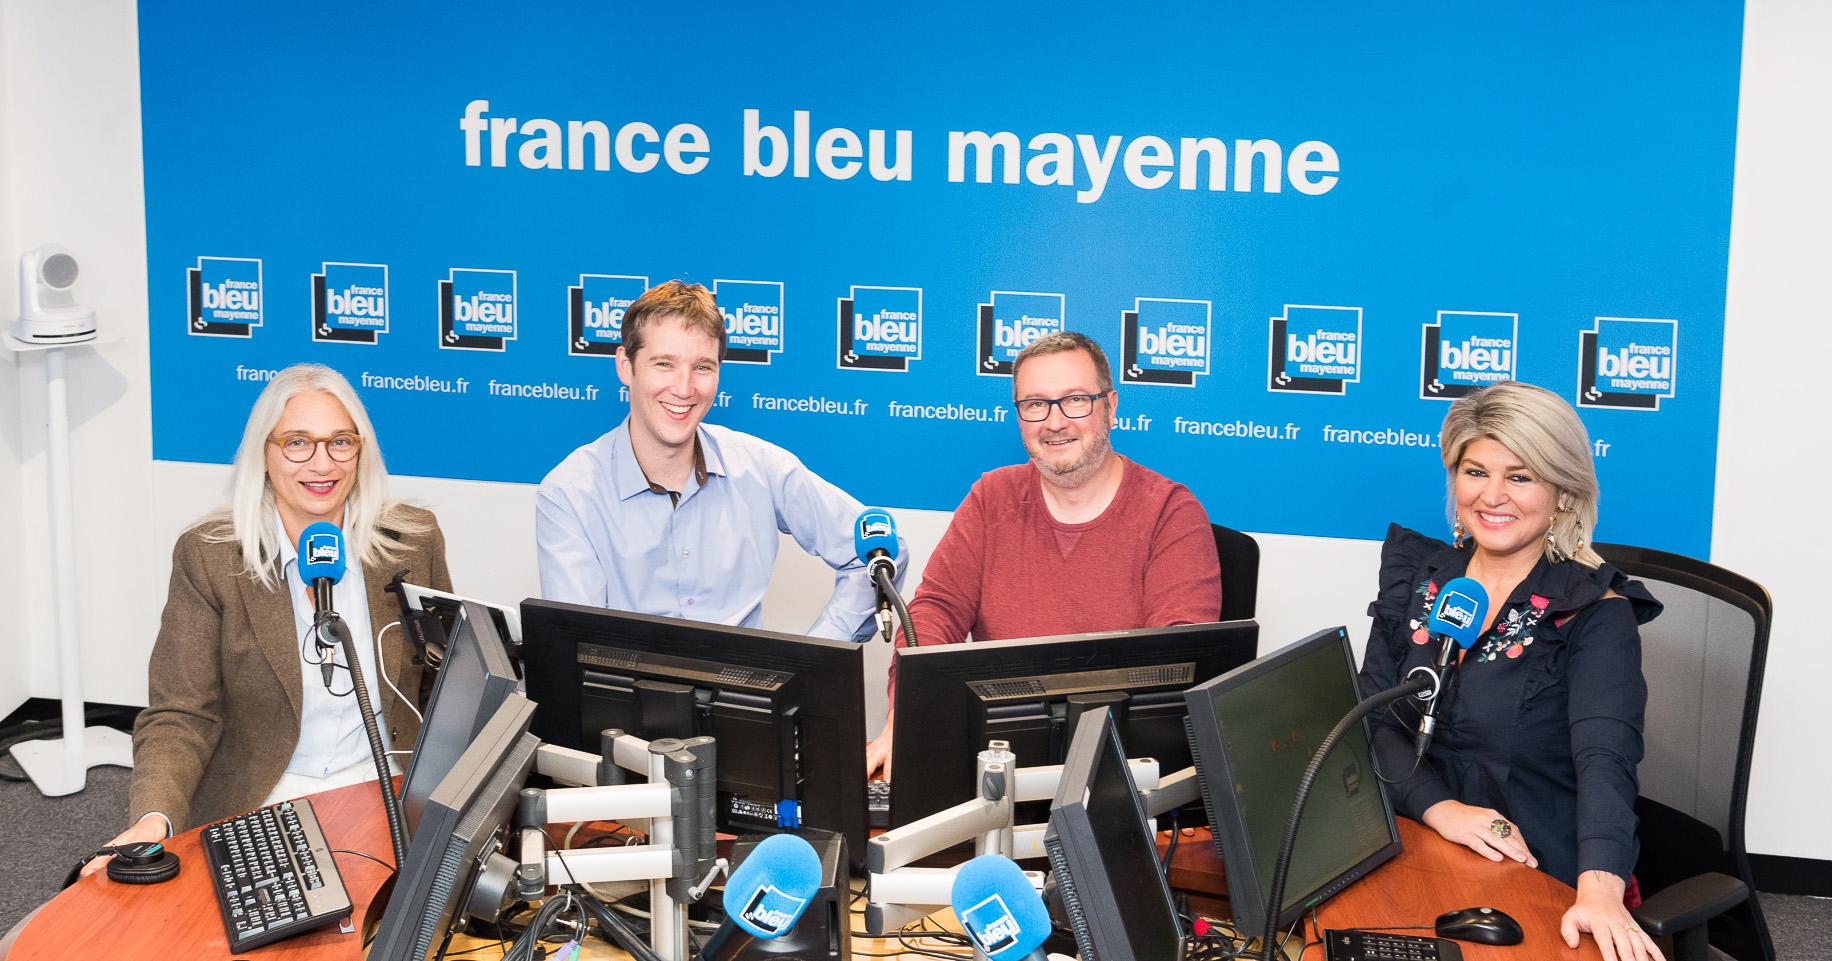 De gauche à droite : Armelle Rocque (journaliste), Gauthier Paturo (animateur), Philippe Guitton (animateur), Stéphanie Denevault (journaliste).